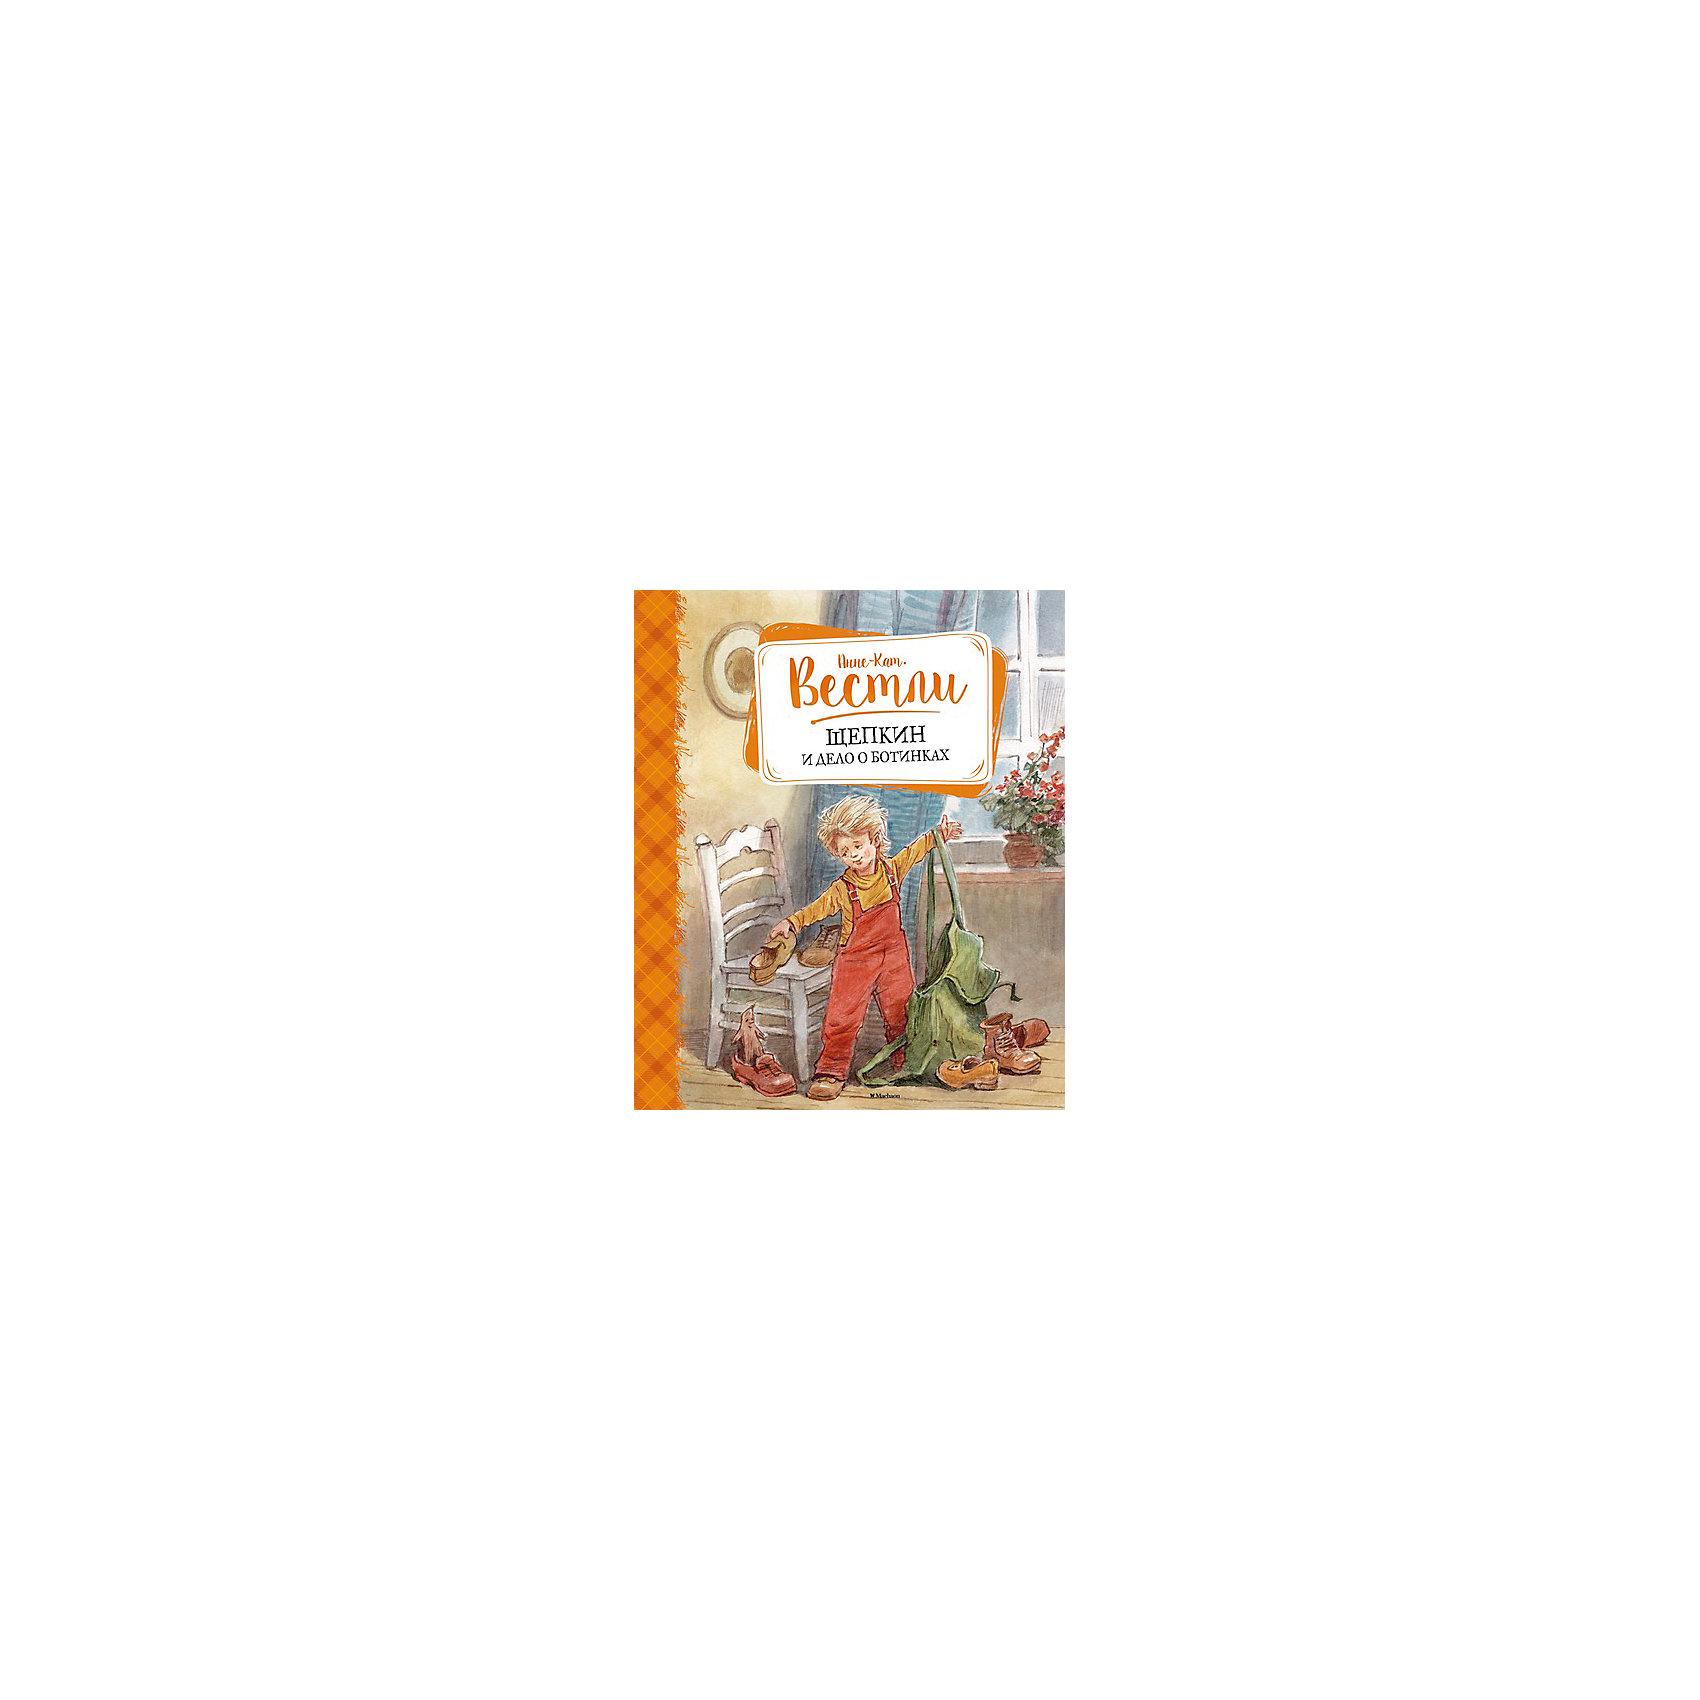 Щепкин и дело о ботинкахМахаон<br>На добрых историях и интересных книжках очень легко воспитывать детей. В них доступно объясняется - что хорошо, а что - плохо, даются понятия о базовых ценностях, дружбе, любви и порядочности.<br>Эта книга может стать отличным подарком ребенку. Это удобный формат, твердый переплет, качественная бумага, прекрасные иллюстрации и захватывающая история о Щепкине и Малыше. Книга произведена из качественных и безопасных для детей материалов.<br><br>Дополнительная информация:<br><br>страниц: 160;<br>твердый переплет;<br>формат: 24 х 20 см.<br><br>Книгу Щепкин и дело о ботинках можно купить в нашем магазине.<br><br>Ширина мм: 235<br>Глубина мм: 195<br>Высота мм: 13<br>Вес г: 470<br>Возраст от месяцев: 84<br>Возраст до месяцев: 120<br>Пол: Унисекс<br>Возраст: Детский<br>SKU: 4975129